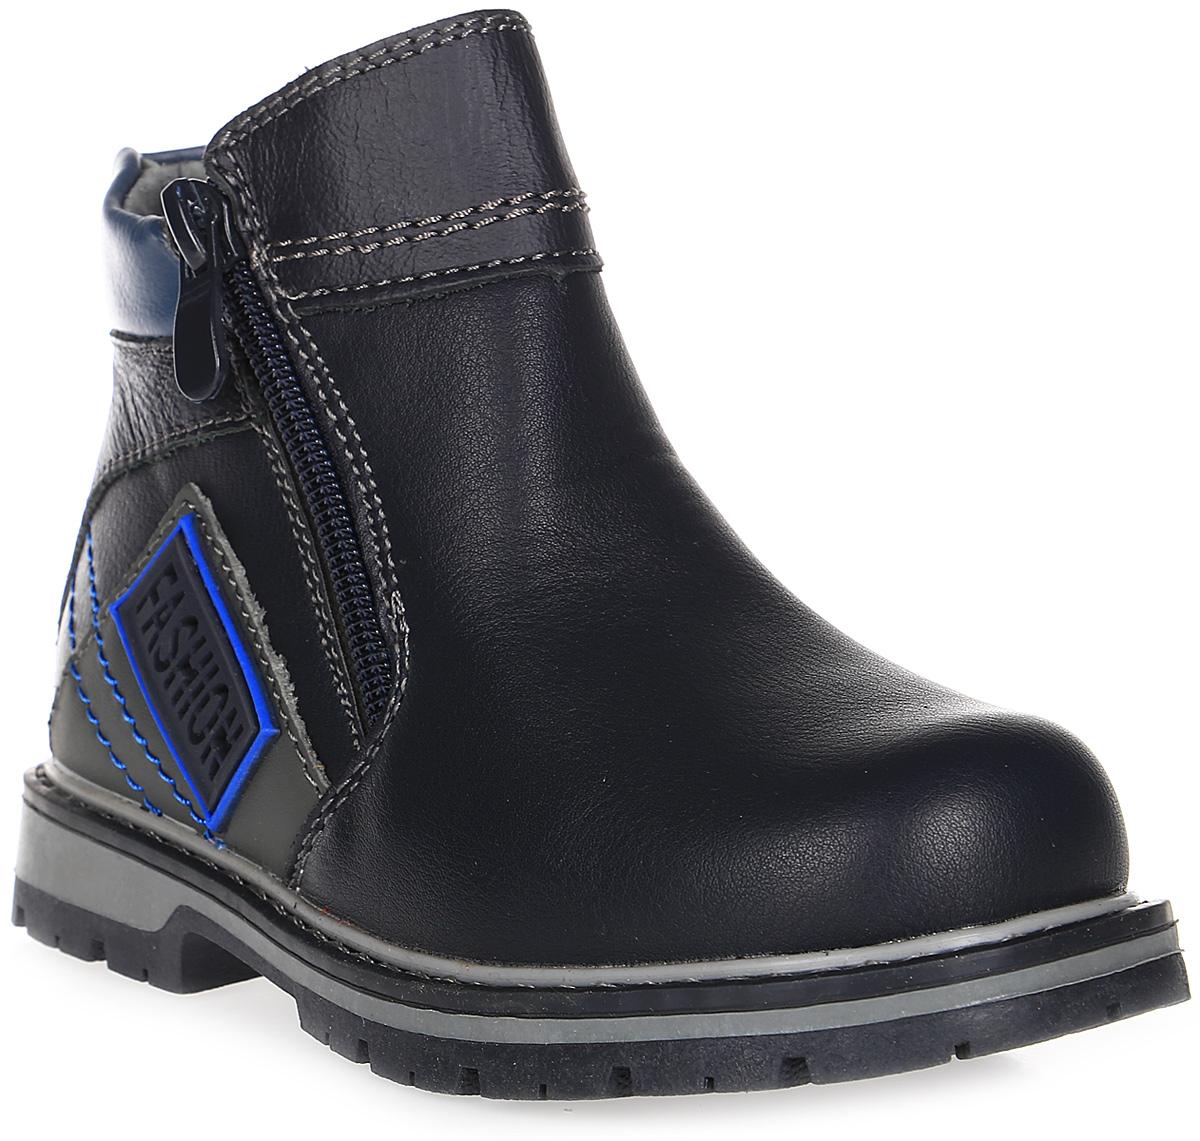 Ботинки для мальчика Счастливый ребенок, цвет: черный, синий. E7120-2. Размер 27E7120-2Ботинки для мальчика Счастливый ребенок выполнены из искусственной кожи. Подошва изготовлена из легкого, гибкого и прочного термопластичного материала. Она обеспечивает отличную амортизацию и смягчает удары от соприкосновения обуви с поверхностью, а протектор подошвы создает надежное сцепление с землей или асфальтом. Внутренняя поверхность и стелька изготовлены из текстиля. Модель застегивается на молнию с двух сторон.